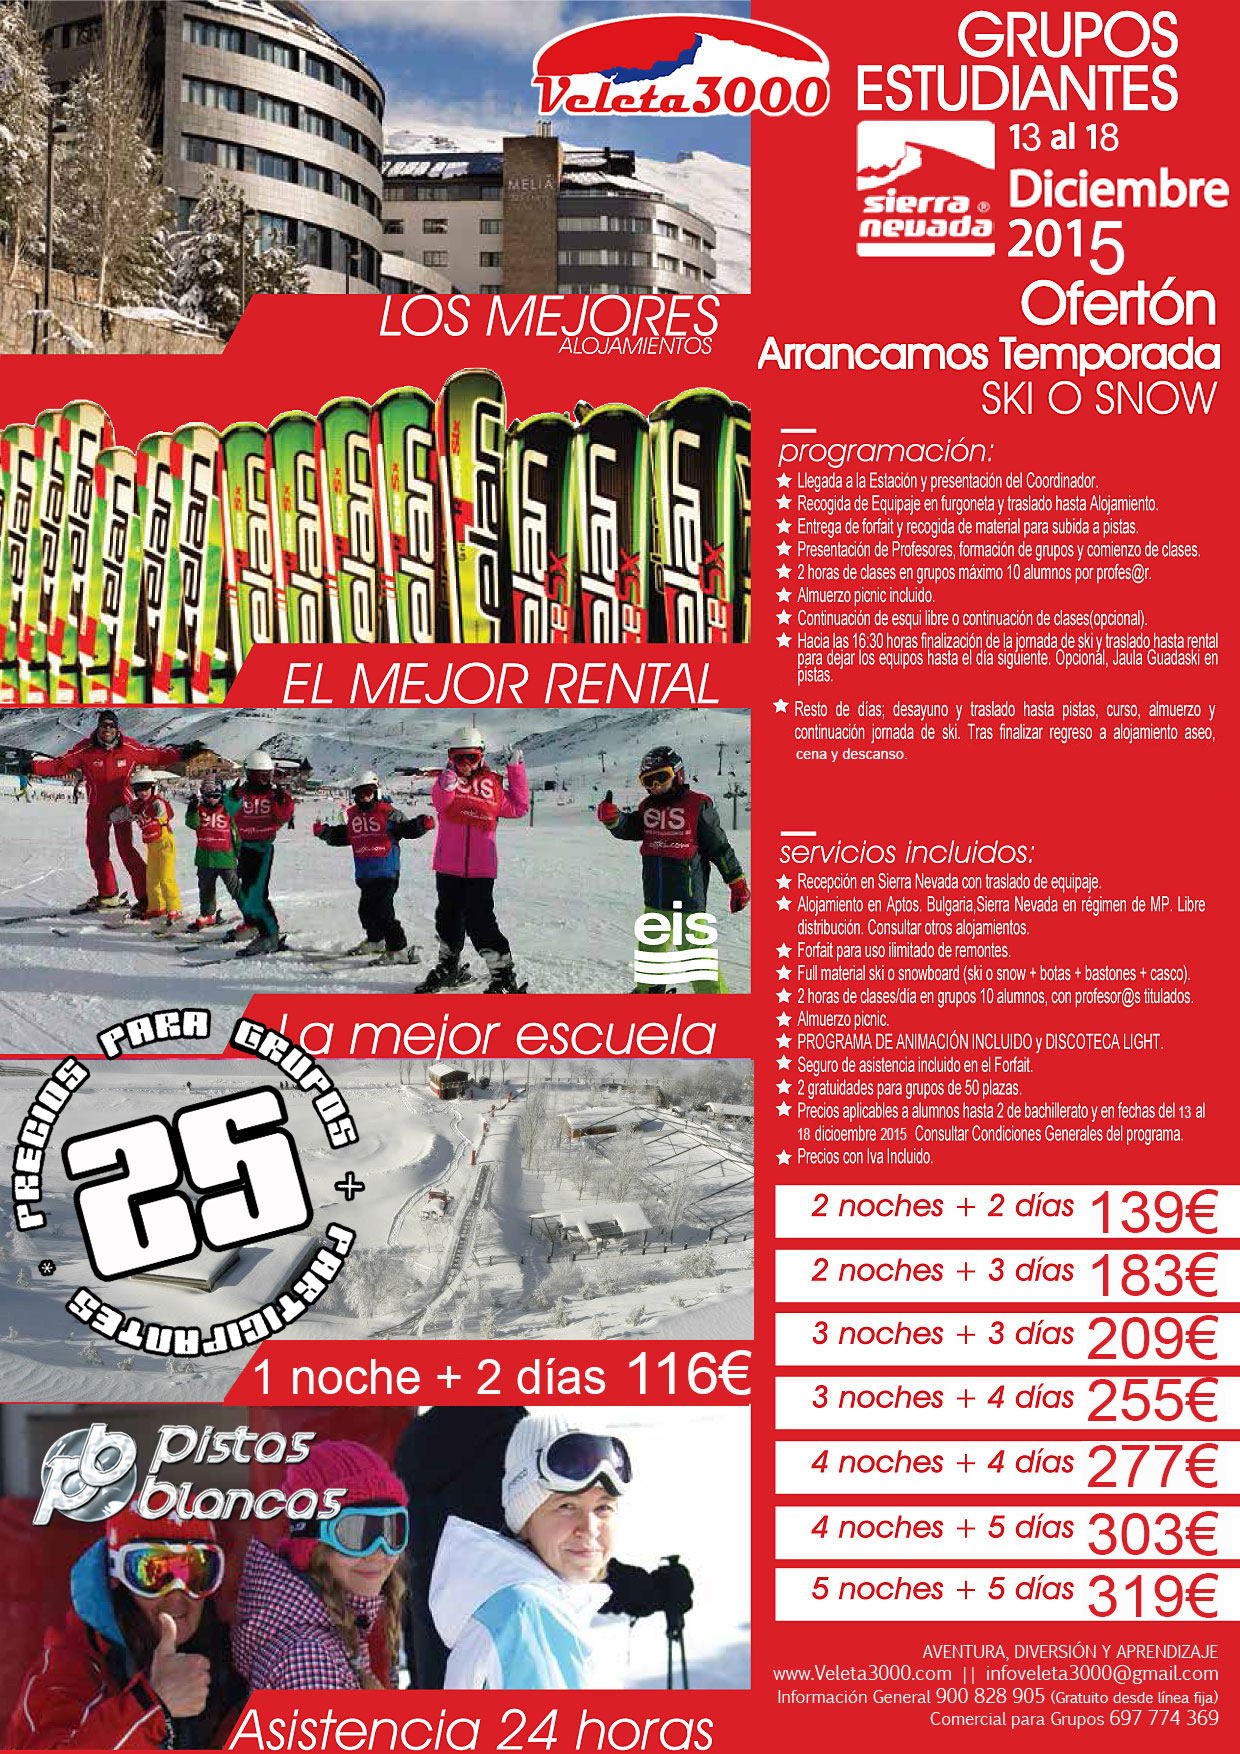 Arranca la temporada de esqui 2015 2016 en Sierra Nevada